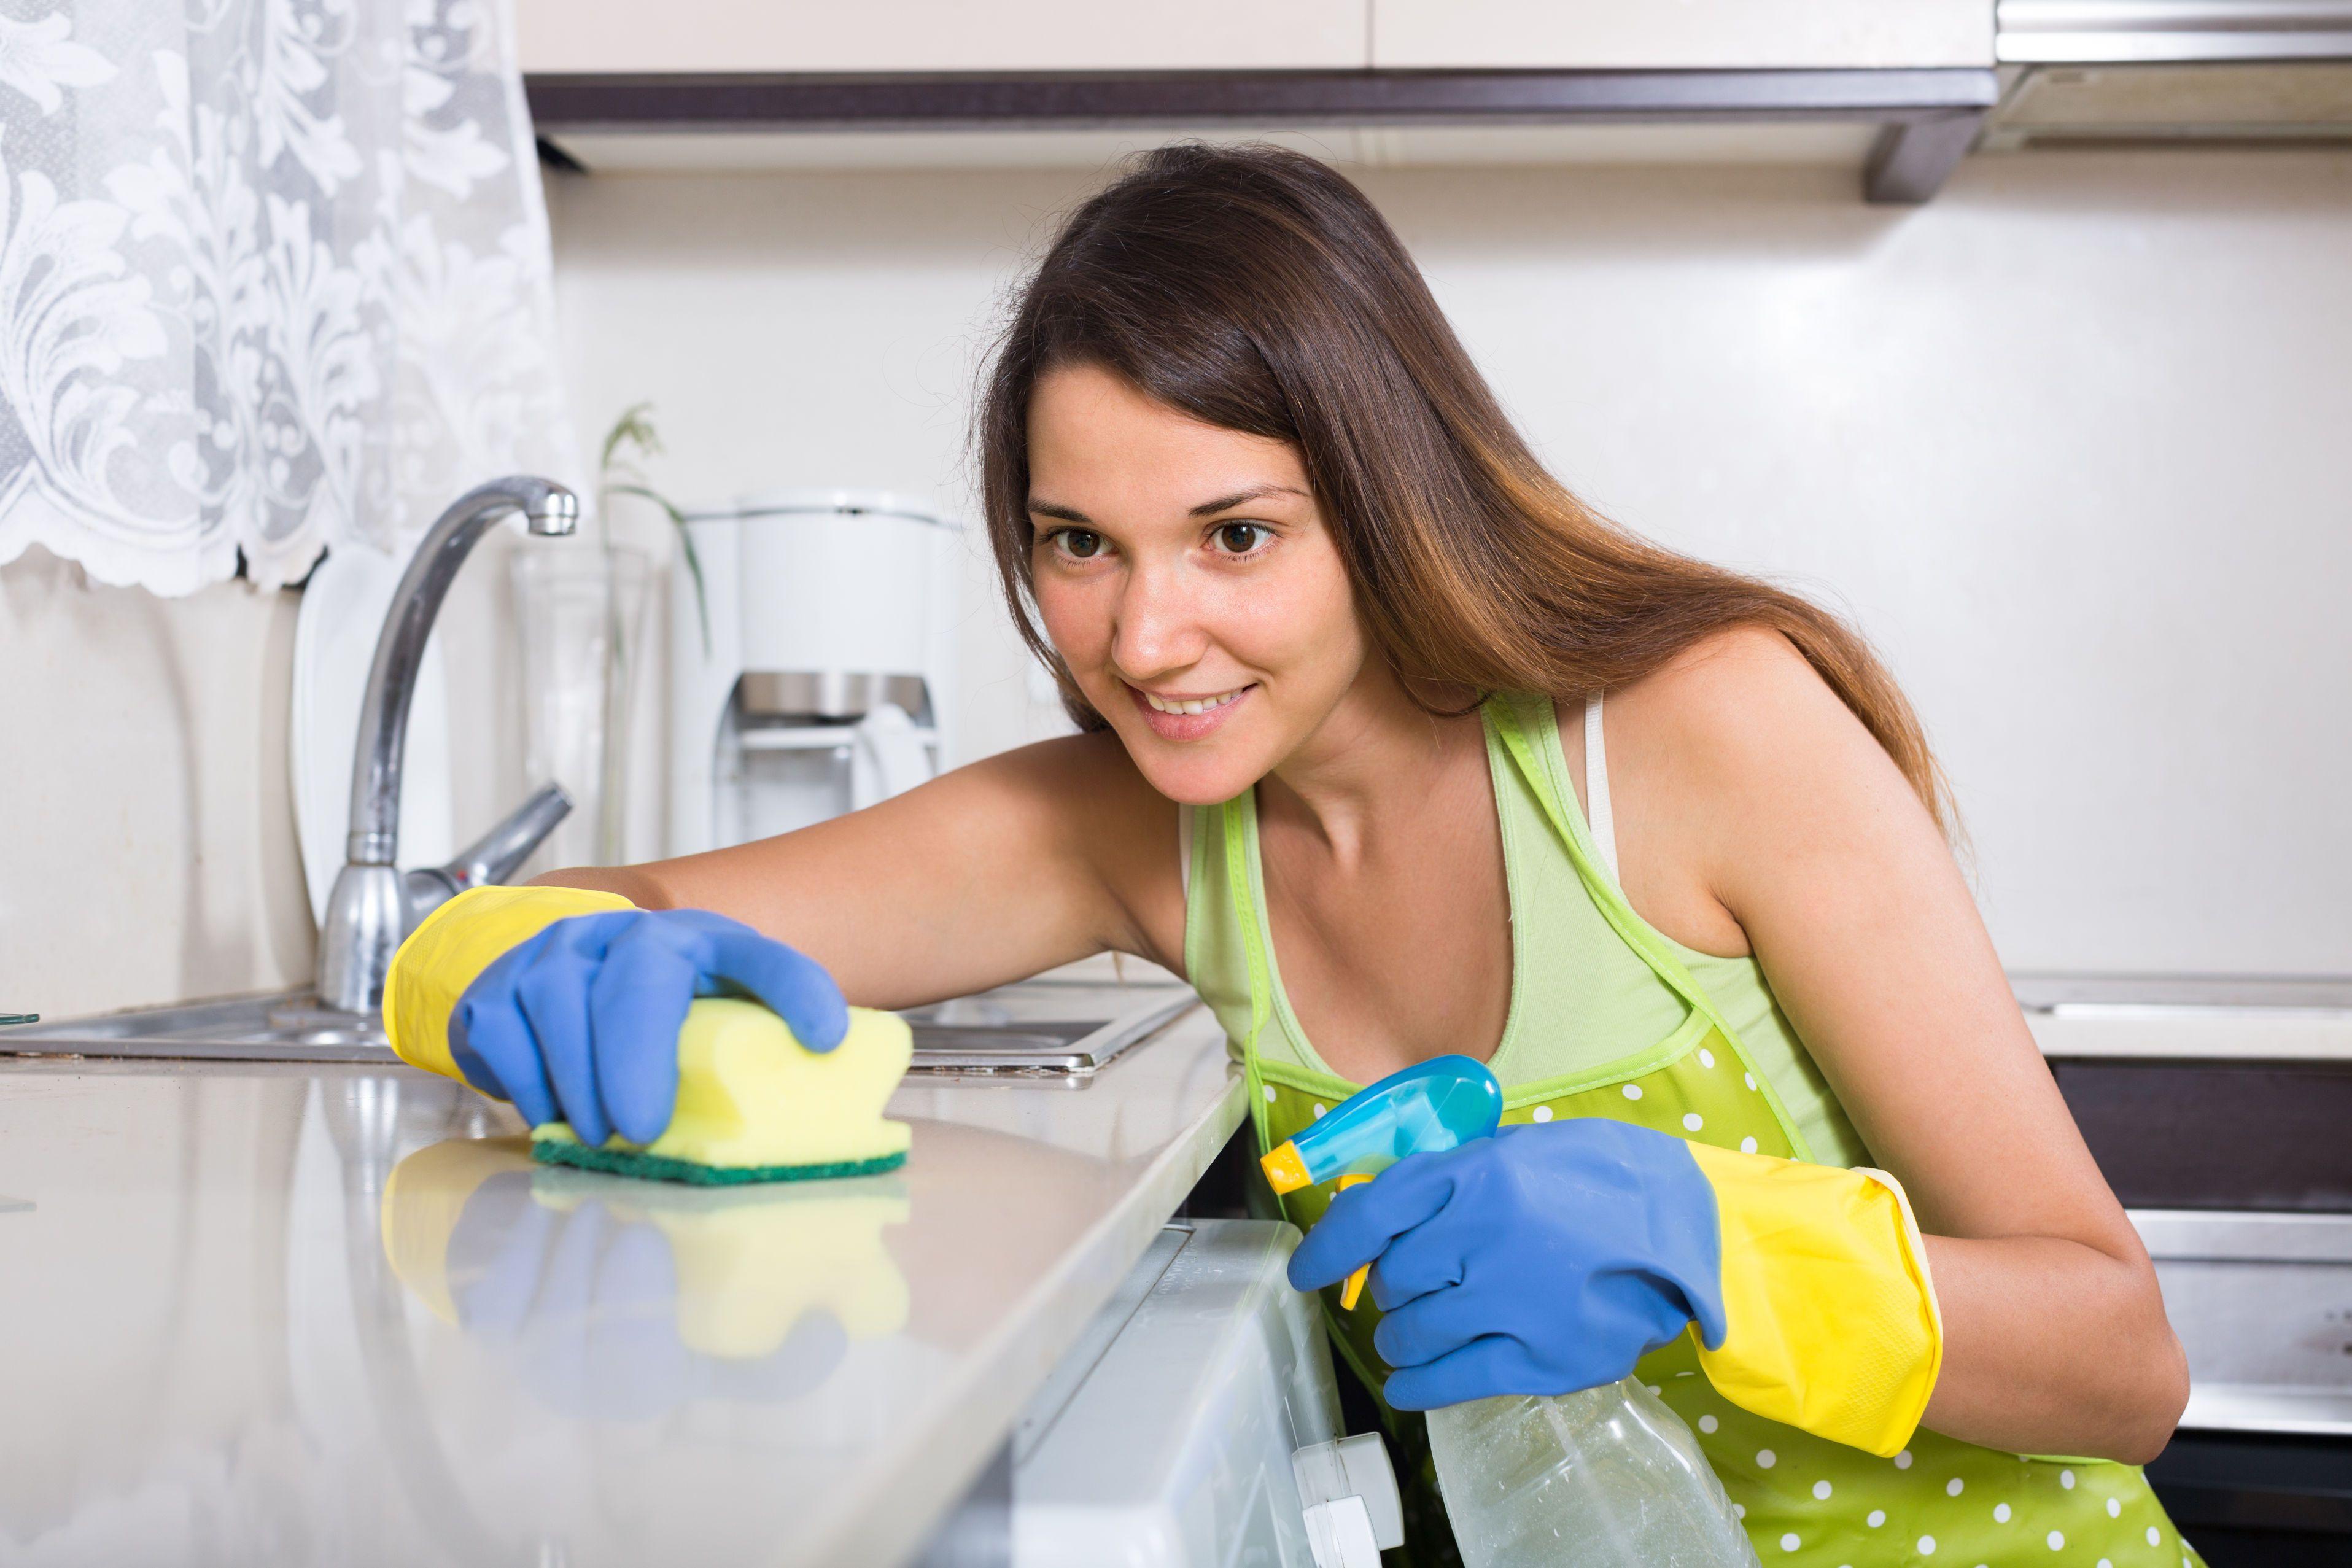 La cucina è senza dubbio una delle zone di casa da pulire più a fondo.